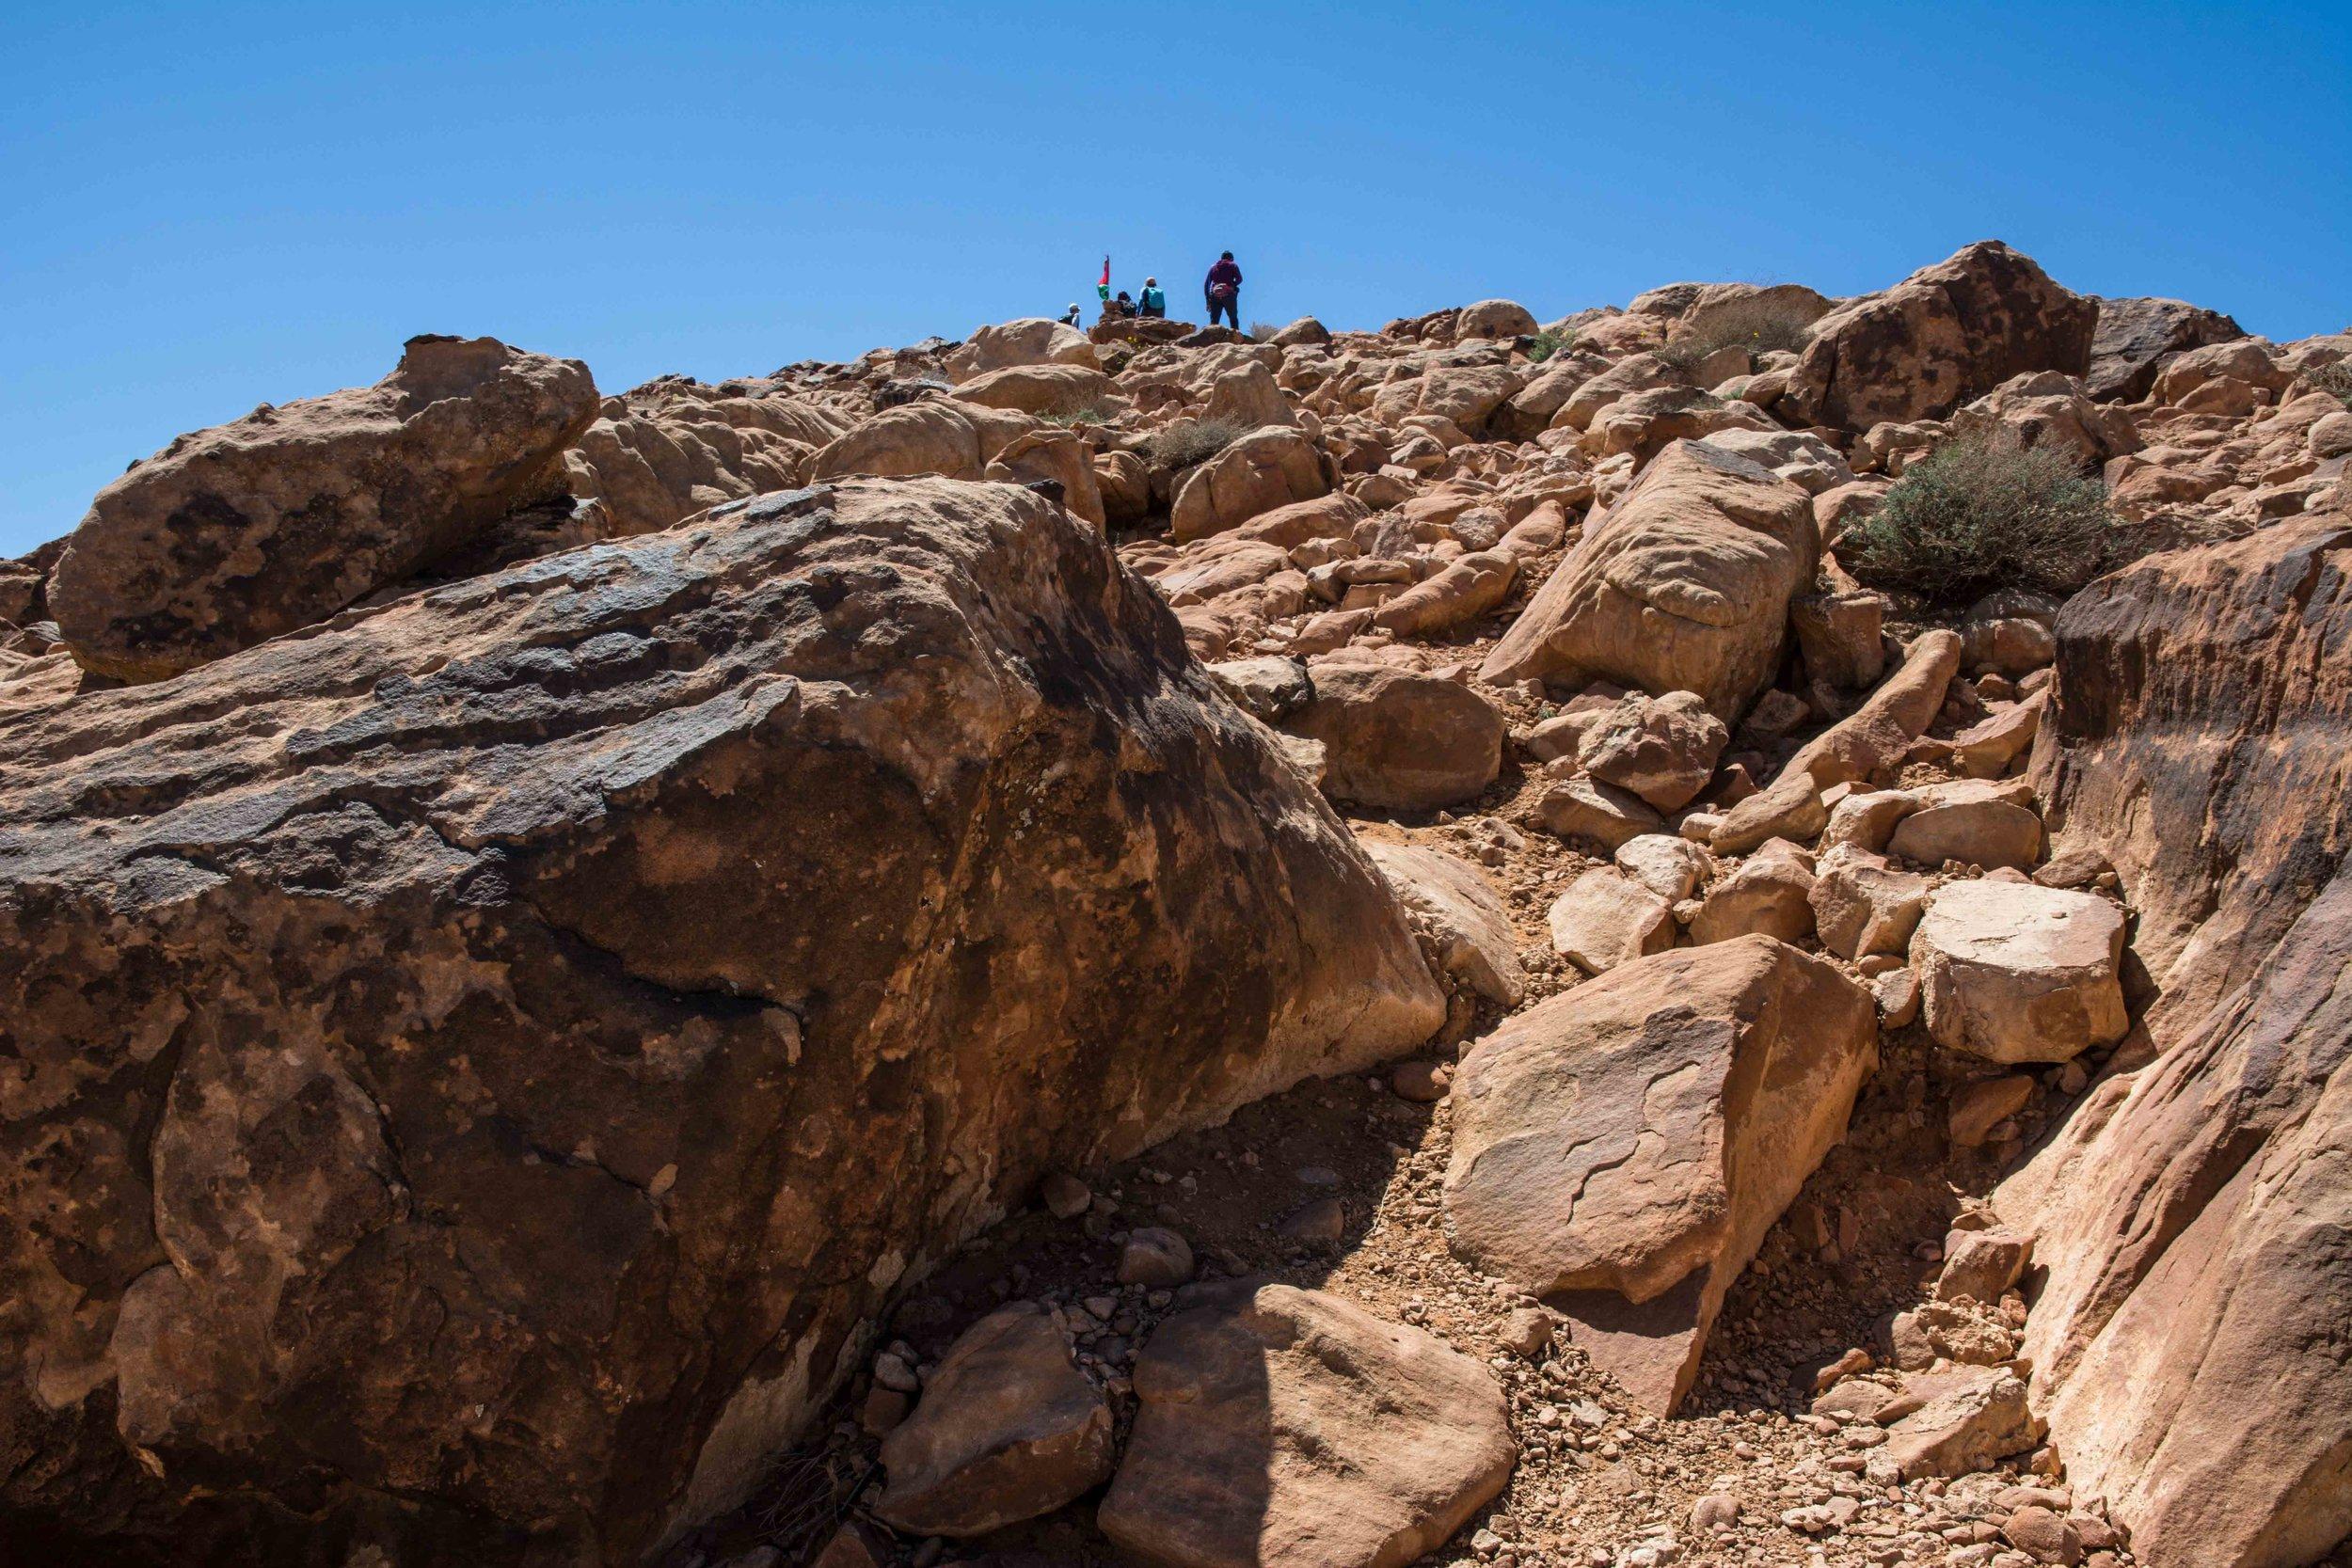 Hike in the desert of Wadi Rum in Jordan Jabal al dami